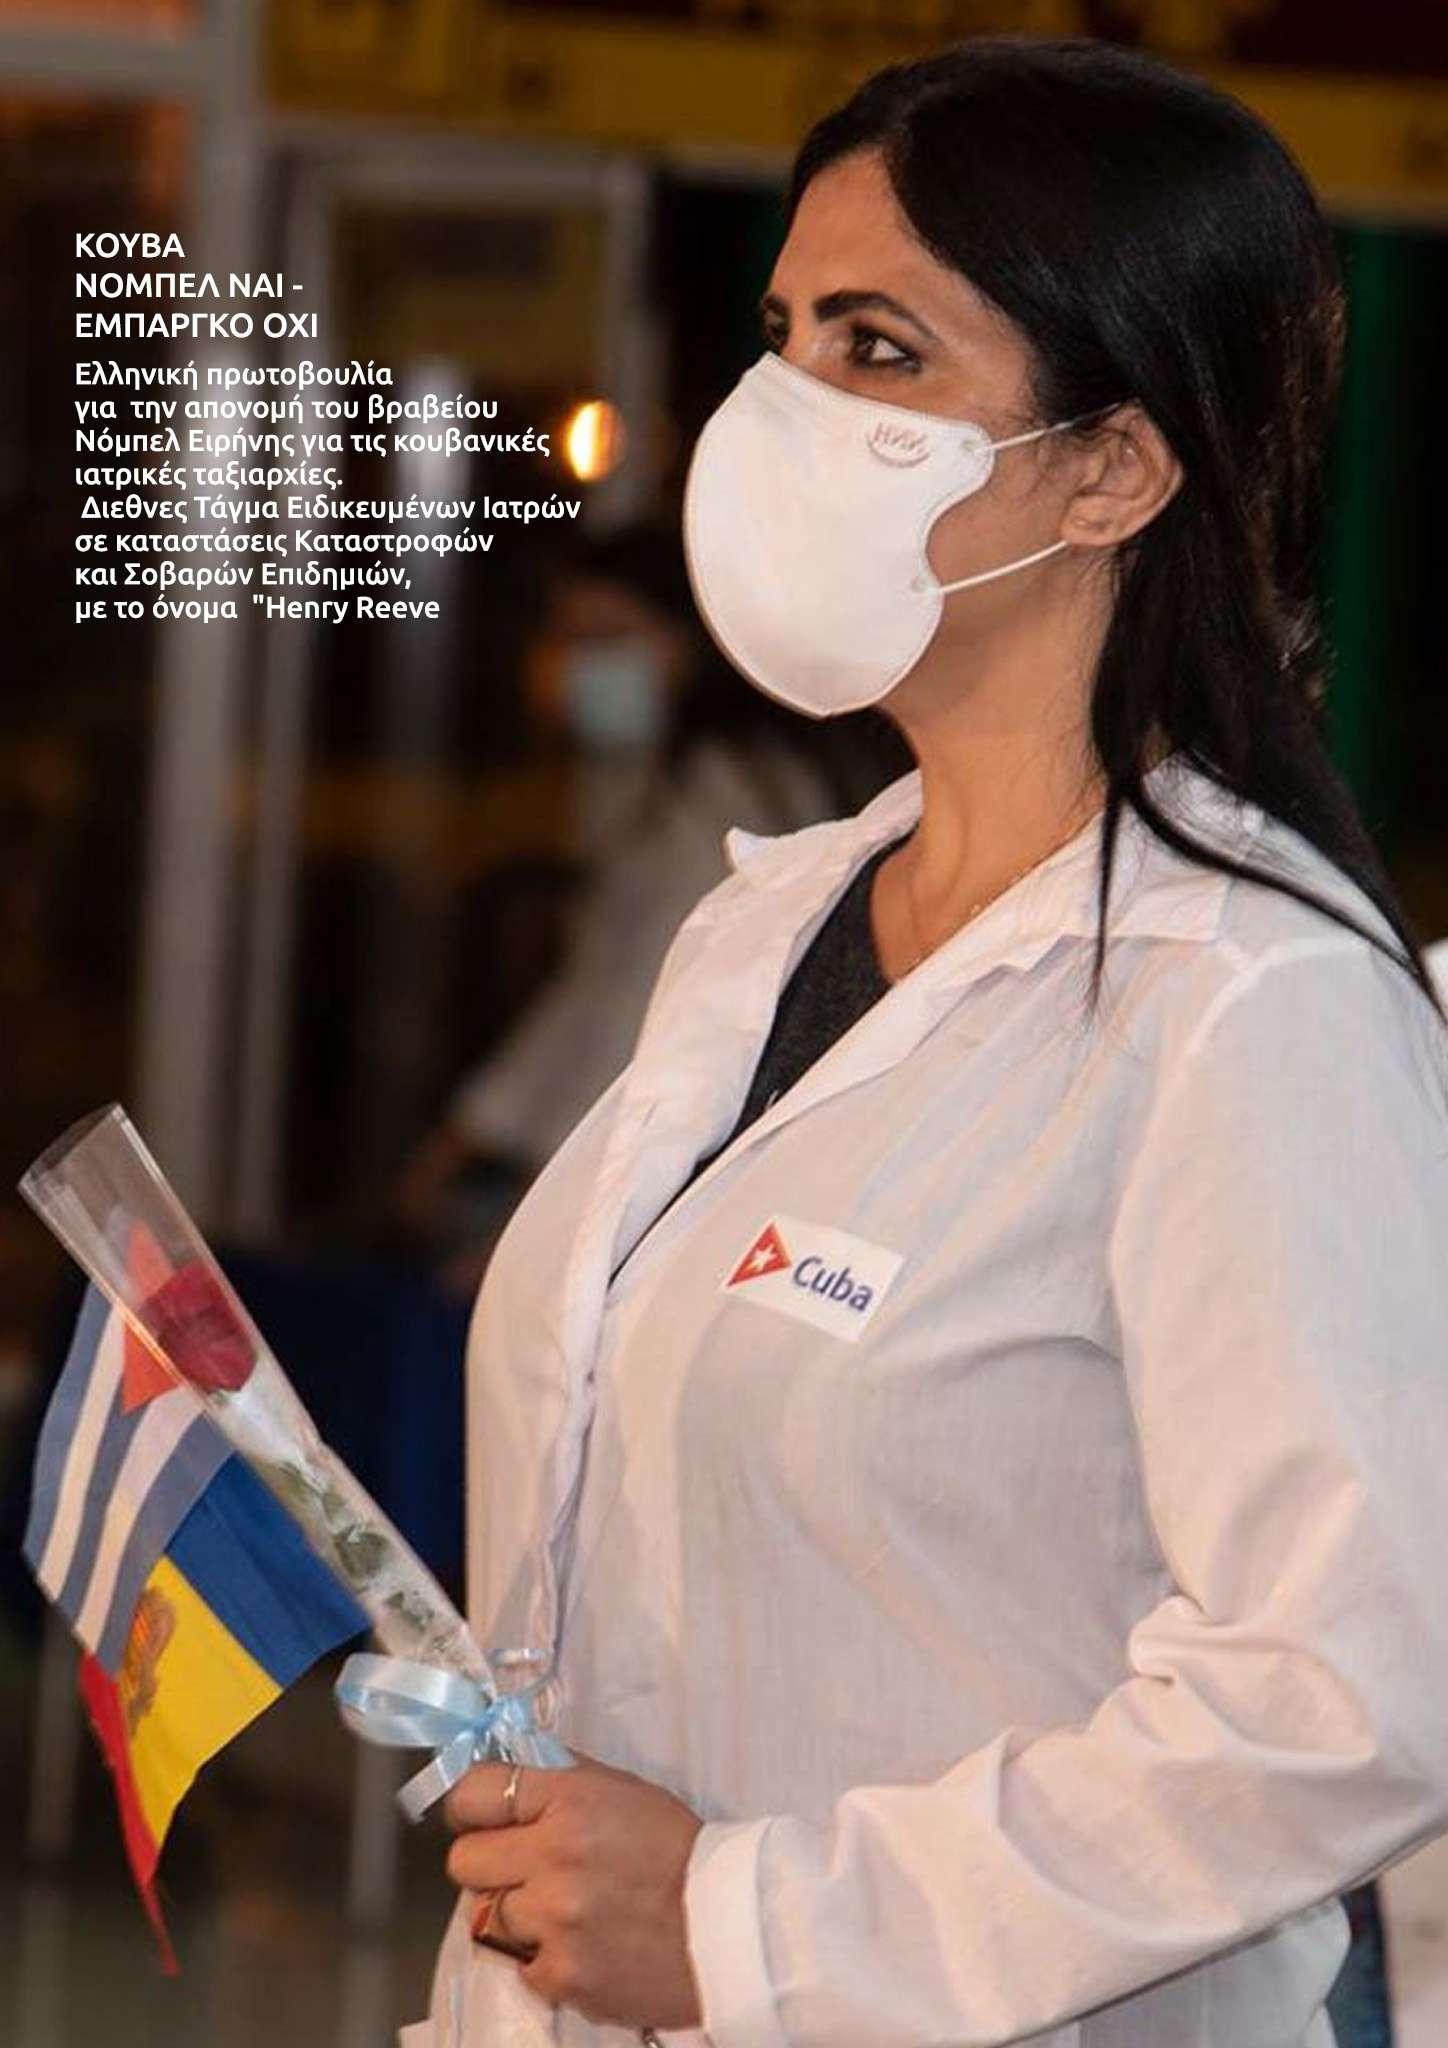 Premio Nobel de la Paz para las brigadas médicas cubanas Henry Reeve 2021 1